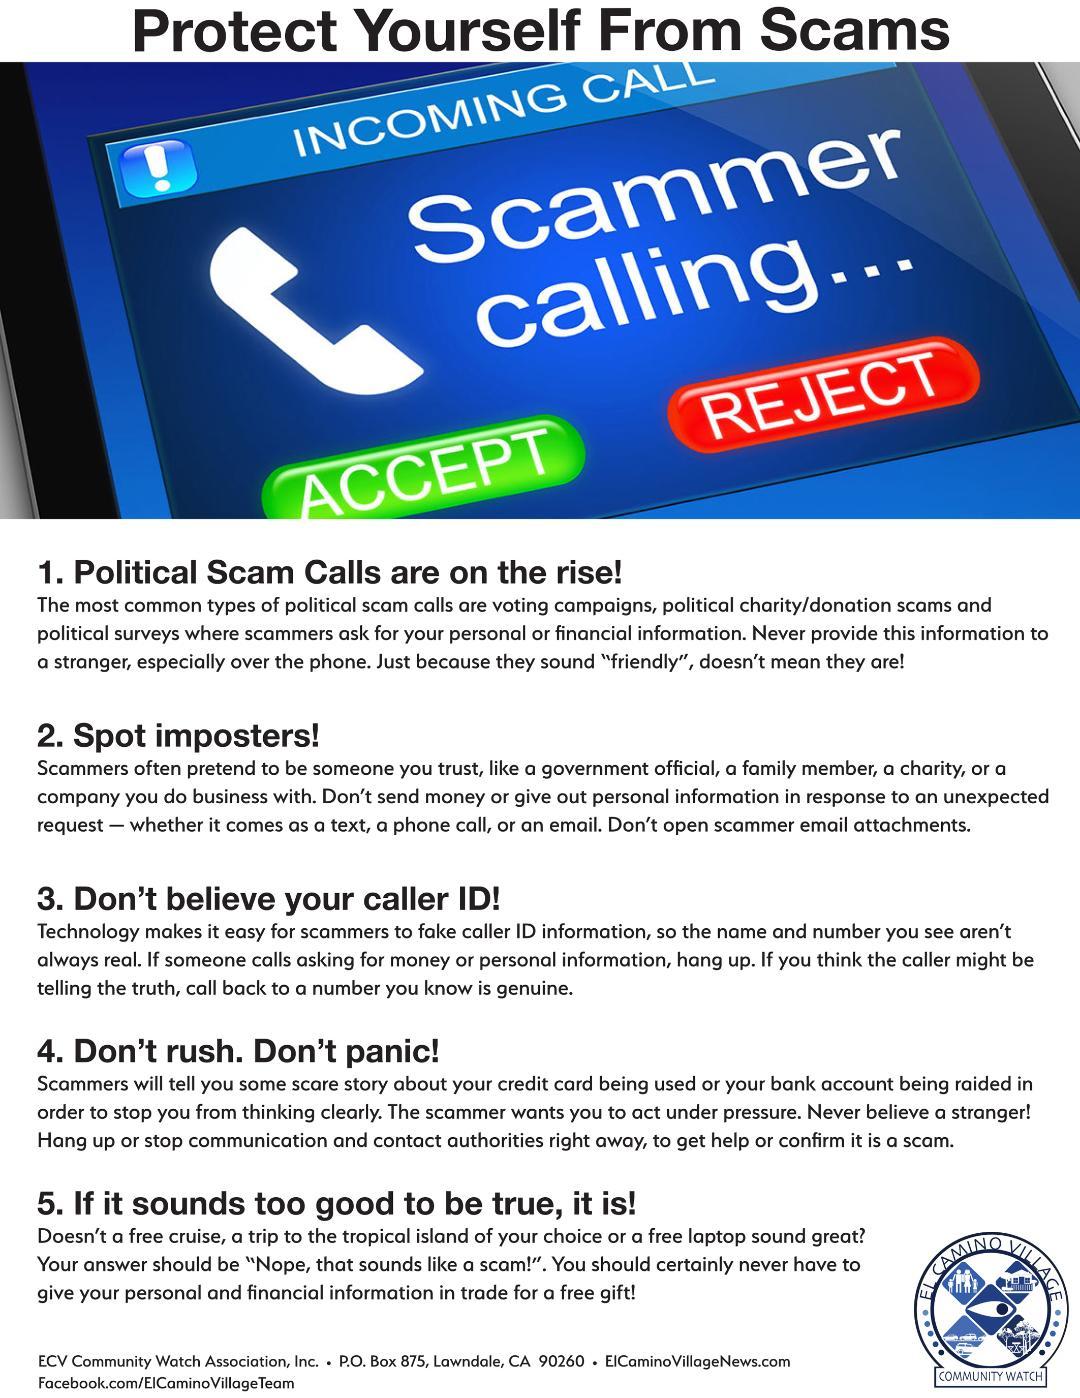 Avoiding phone scams.jpg